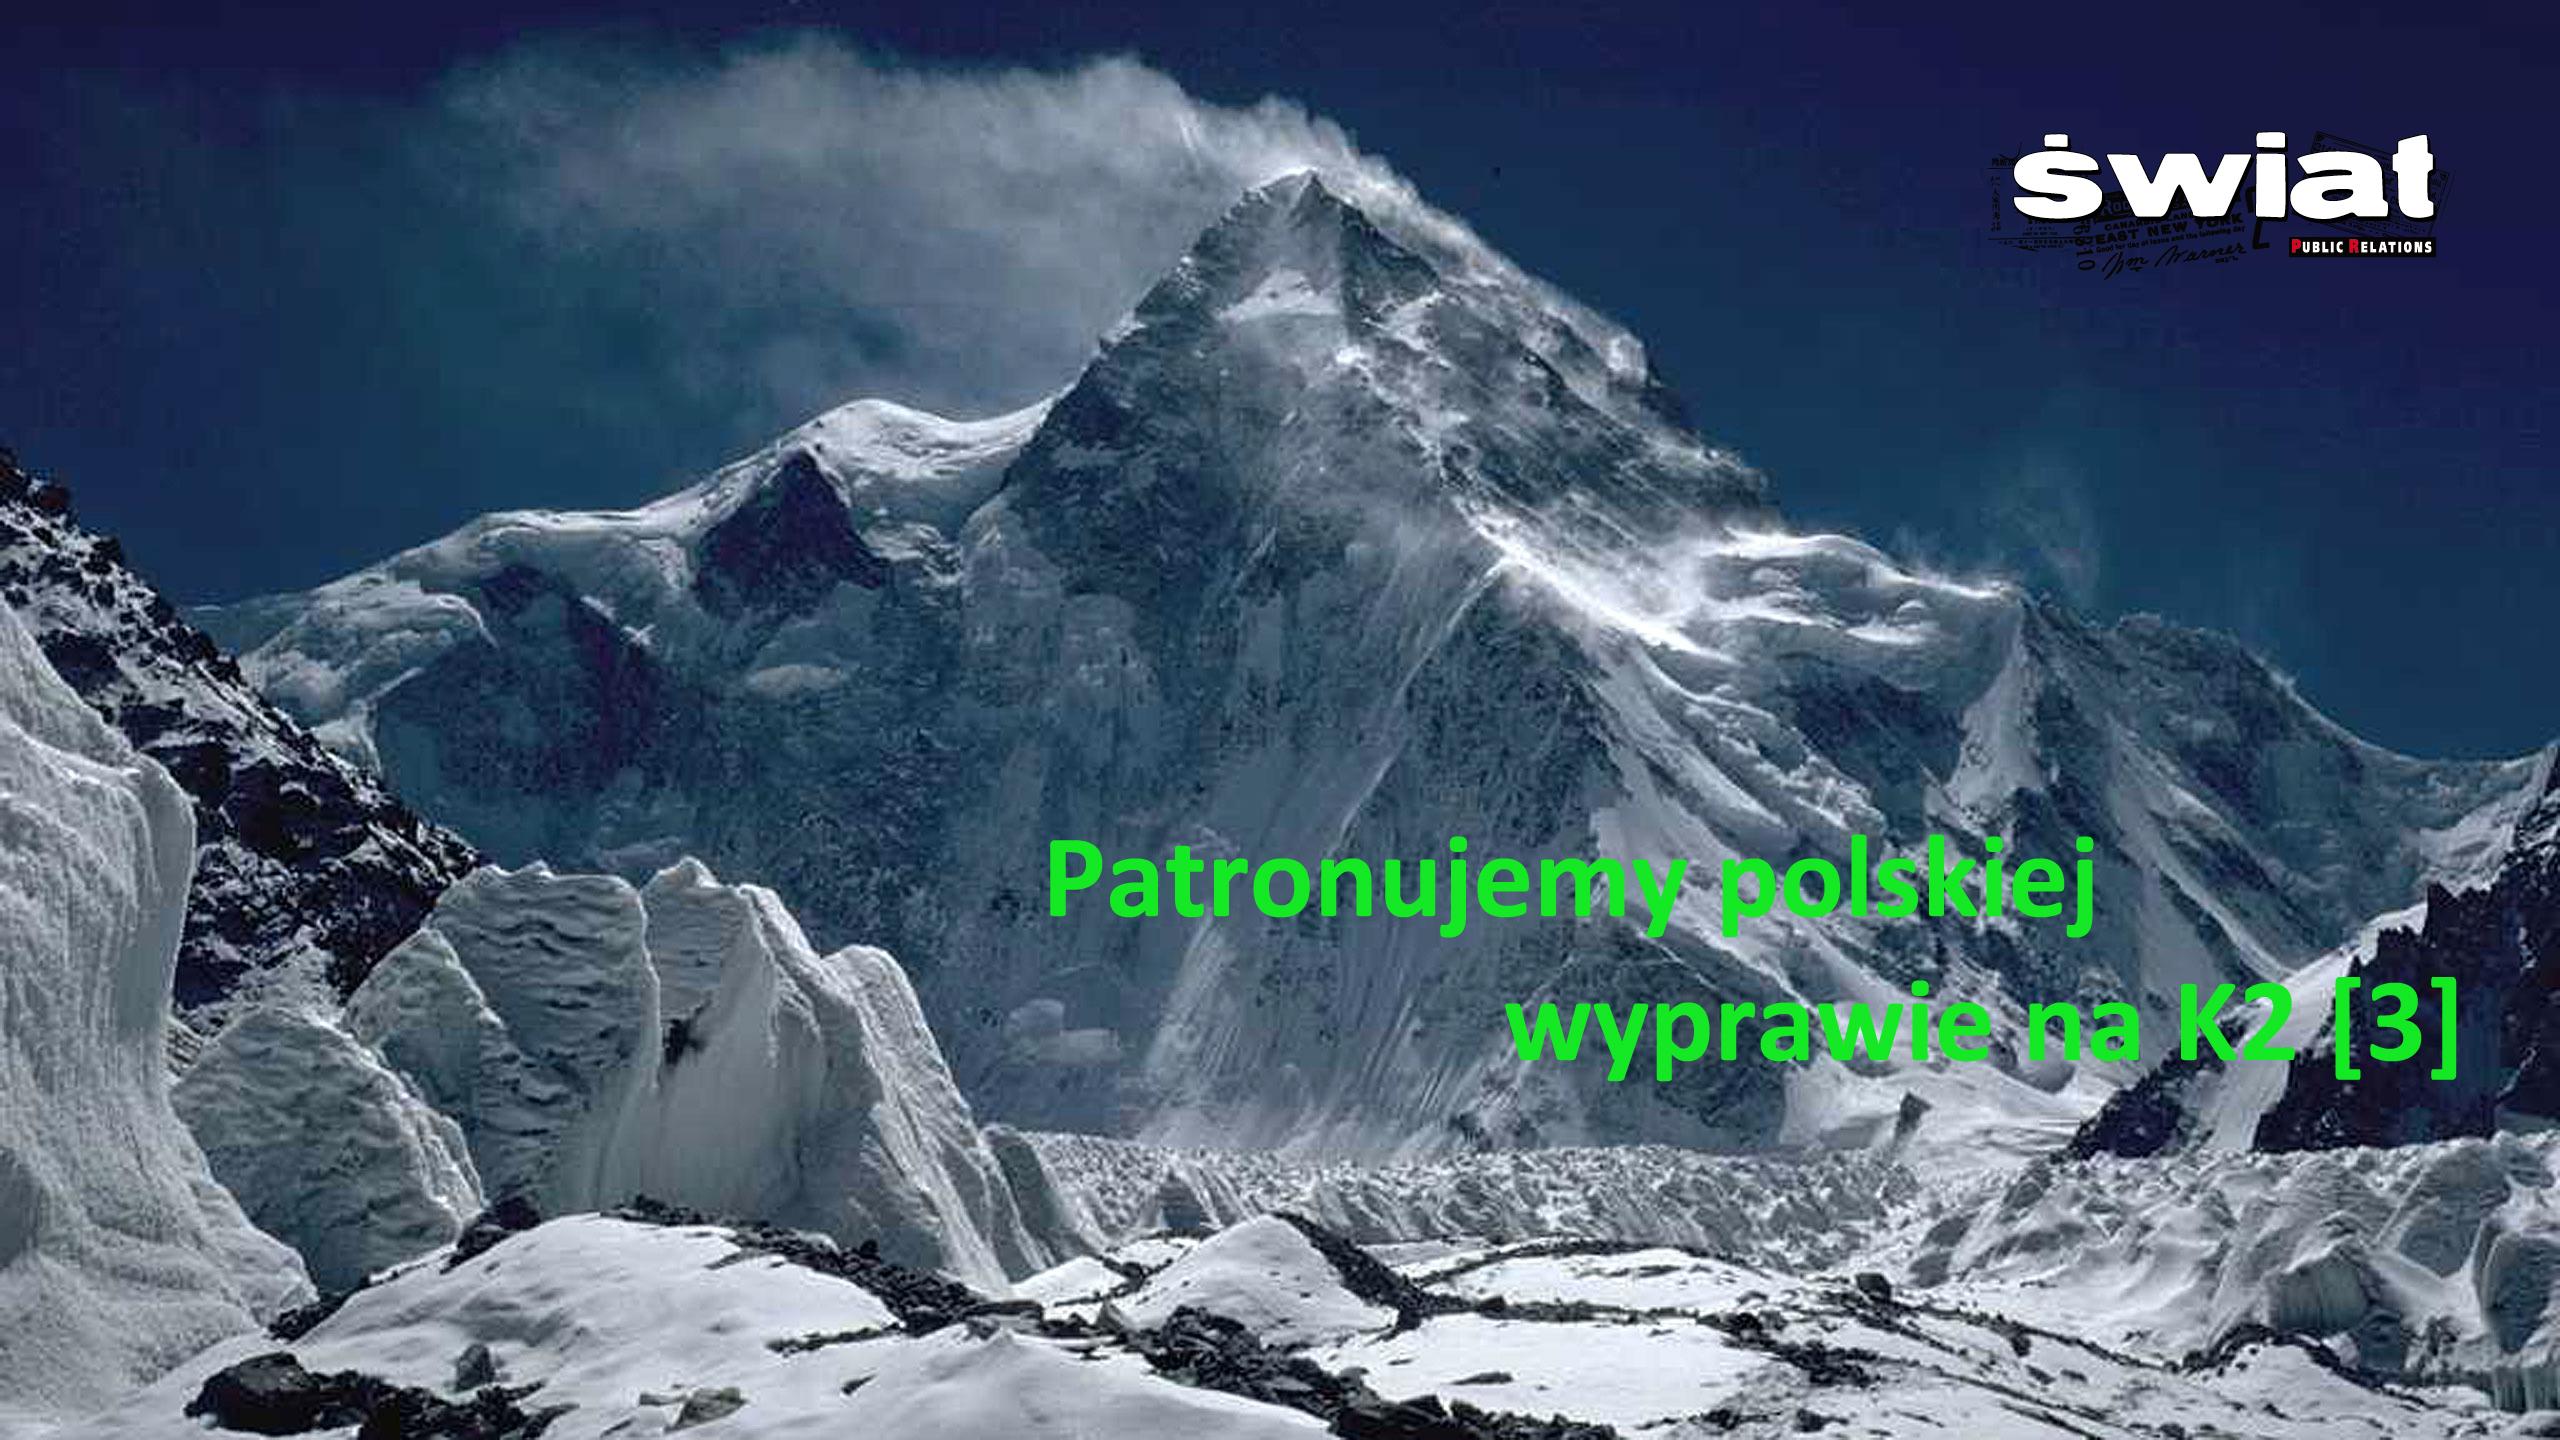 Patronujemy polskiej wyprawie K2 '2016/17 [3]